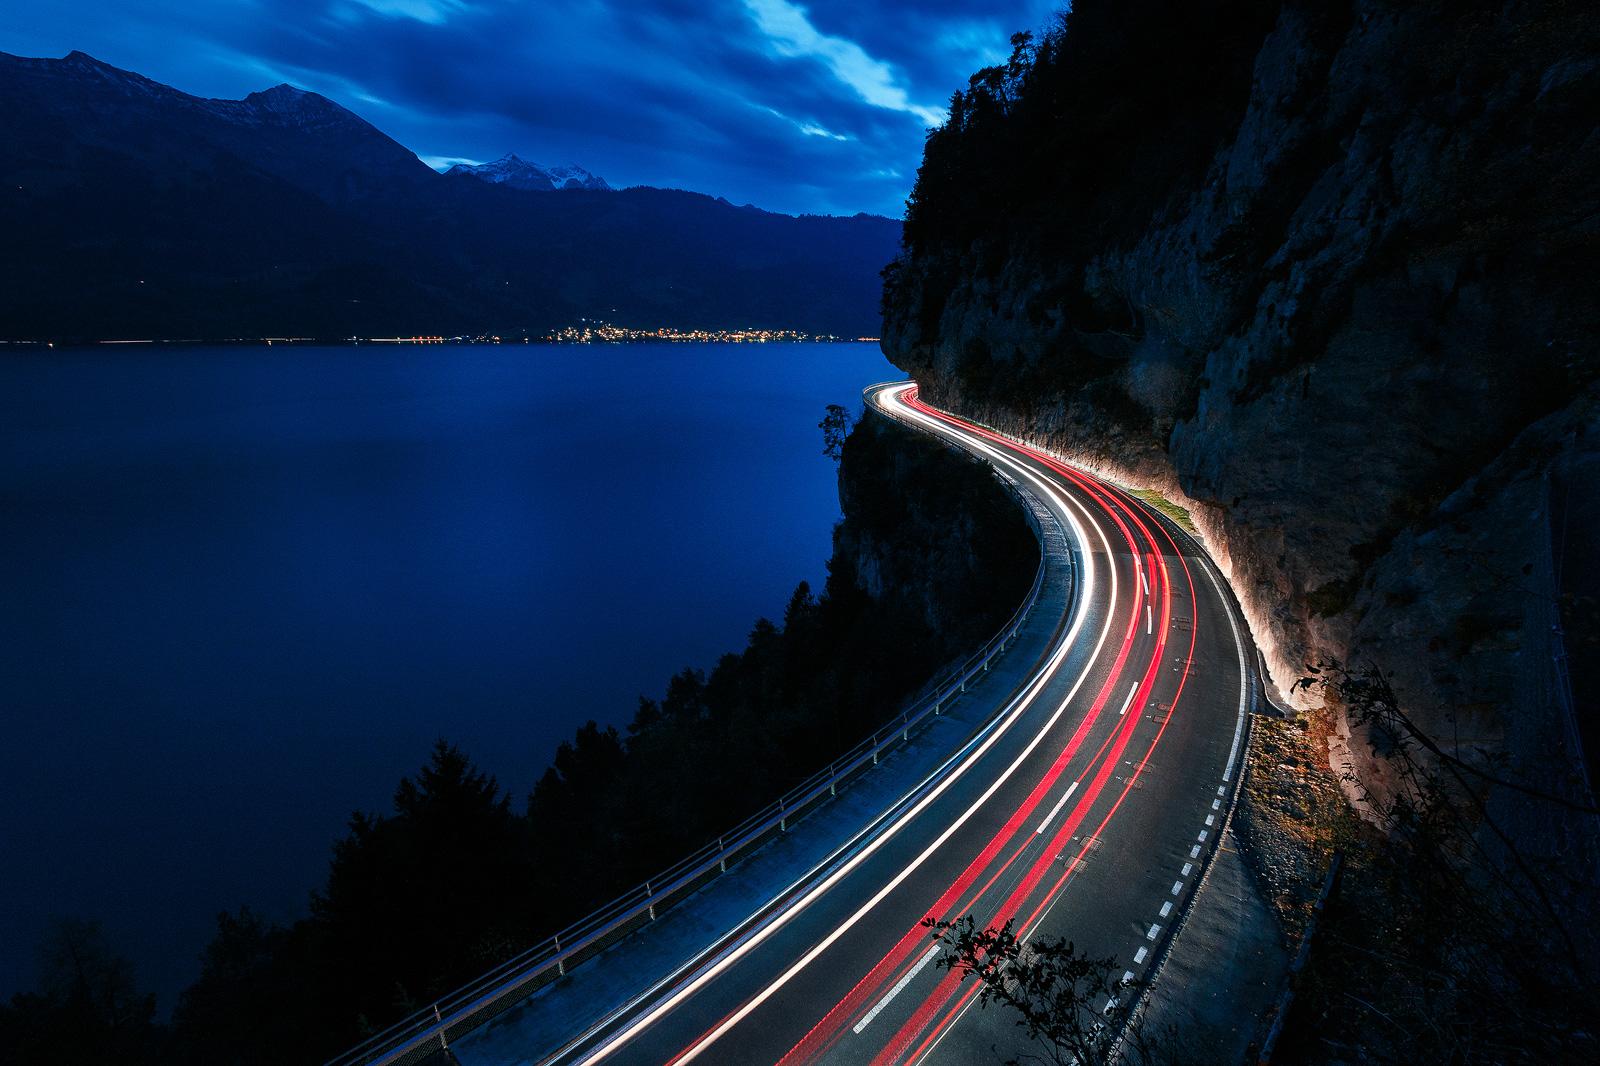 Fotospot Thunersee, perfekt um Lichtzieher zu fotografieren